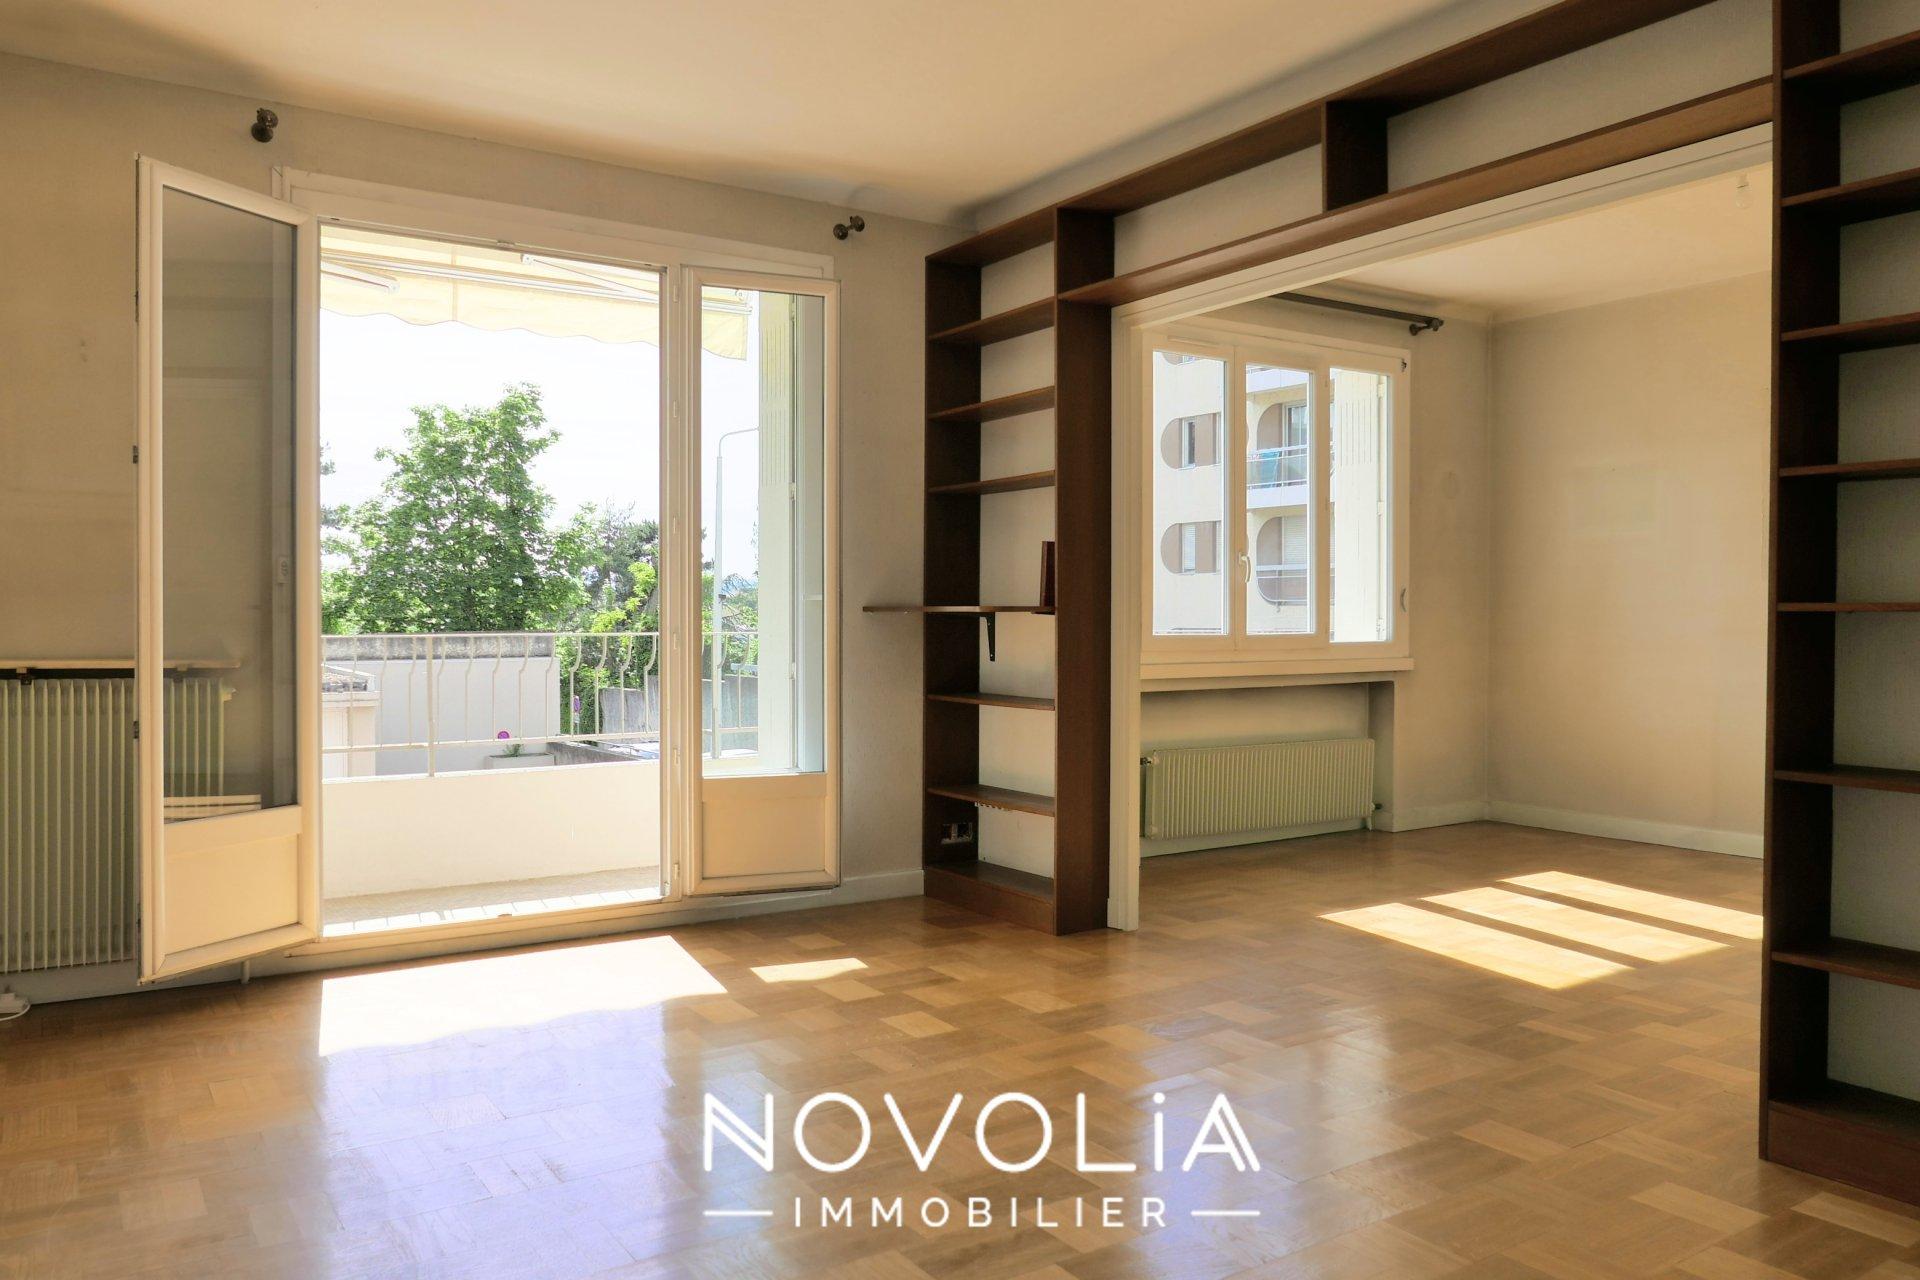 Achat Appartement Surface de 90.49 m²/ Total carrez : 90.49 m², 3 pièces, Lyon 3ème (69003)